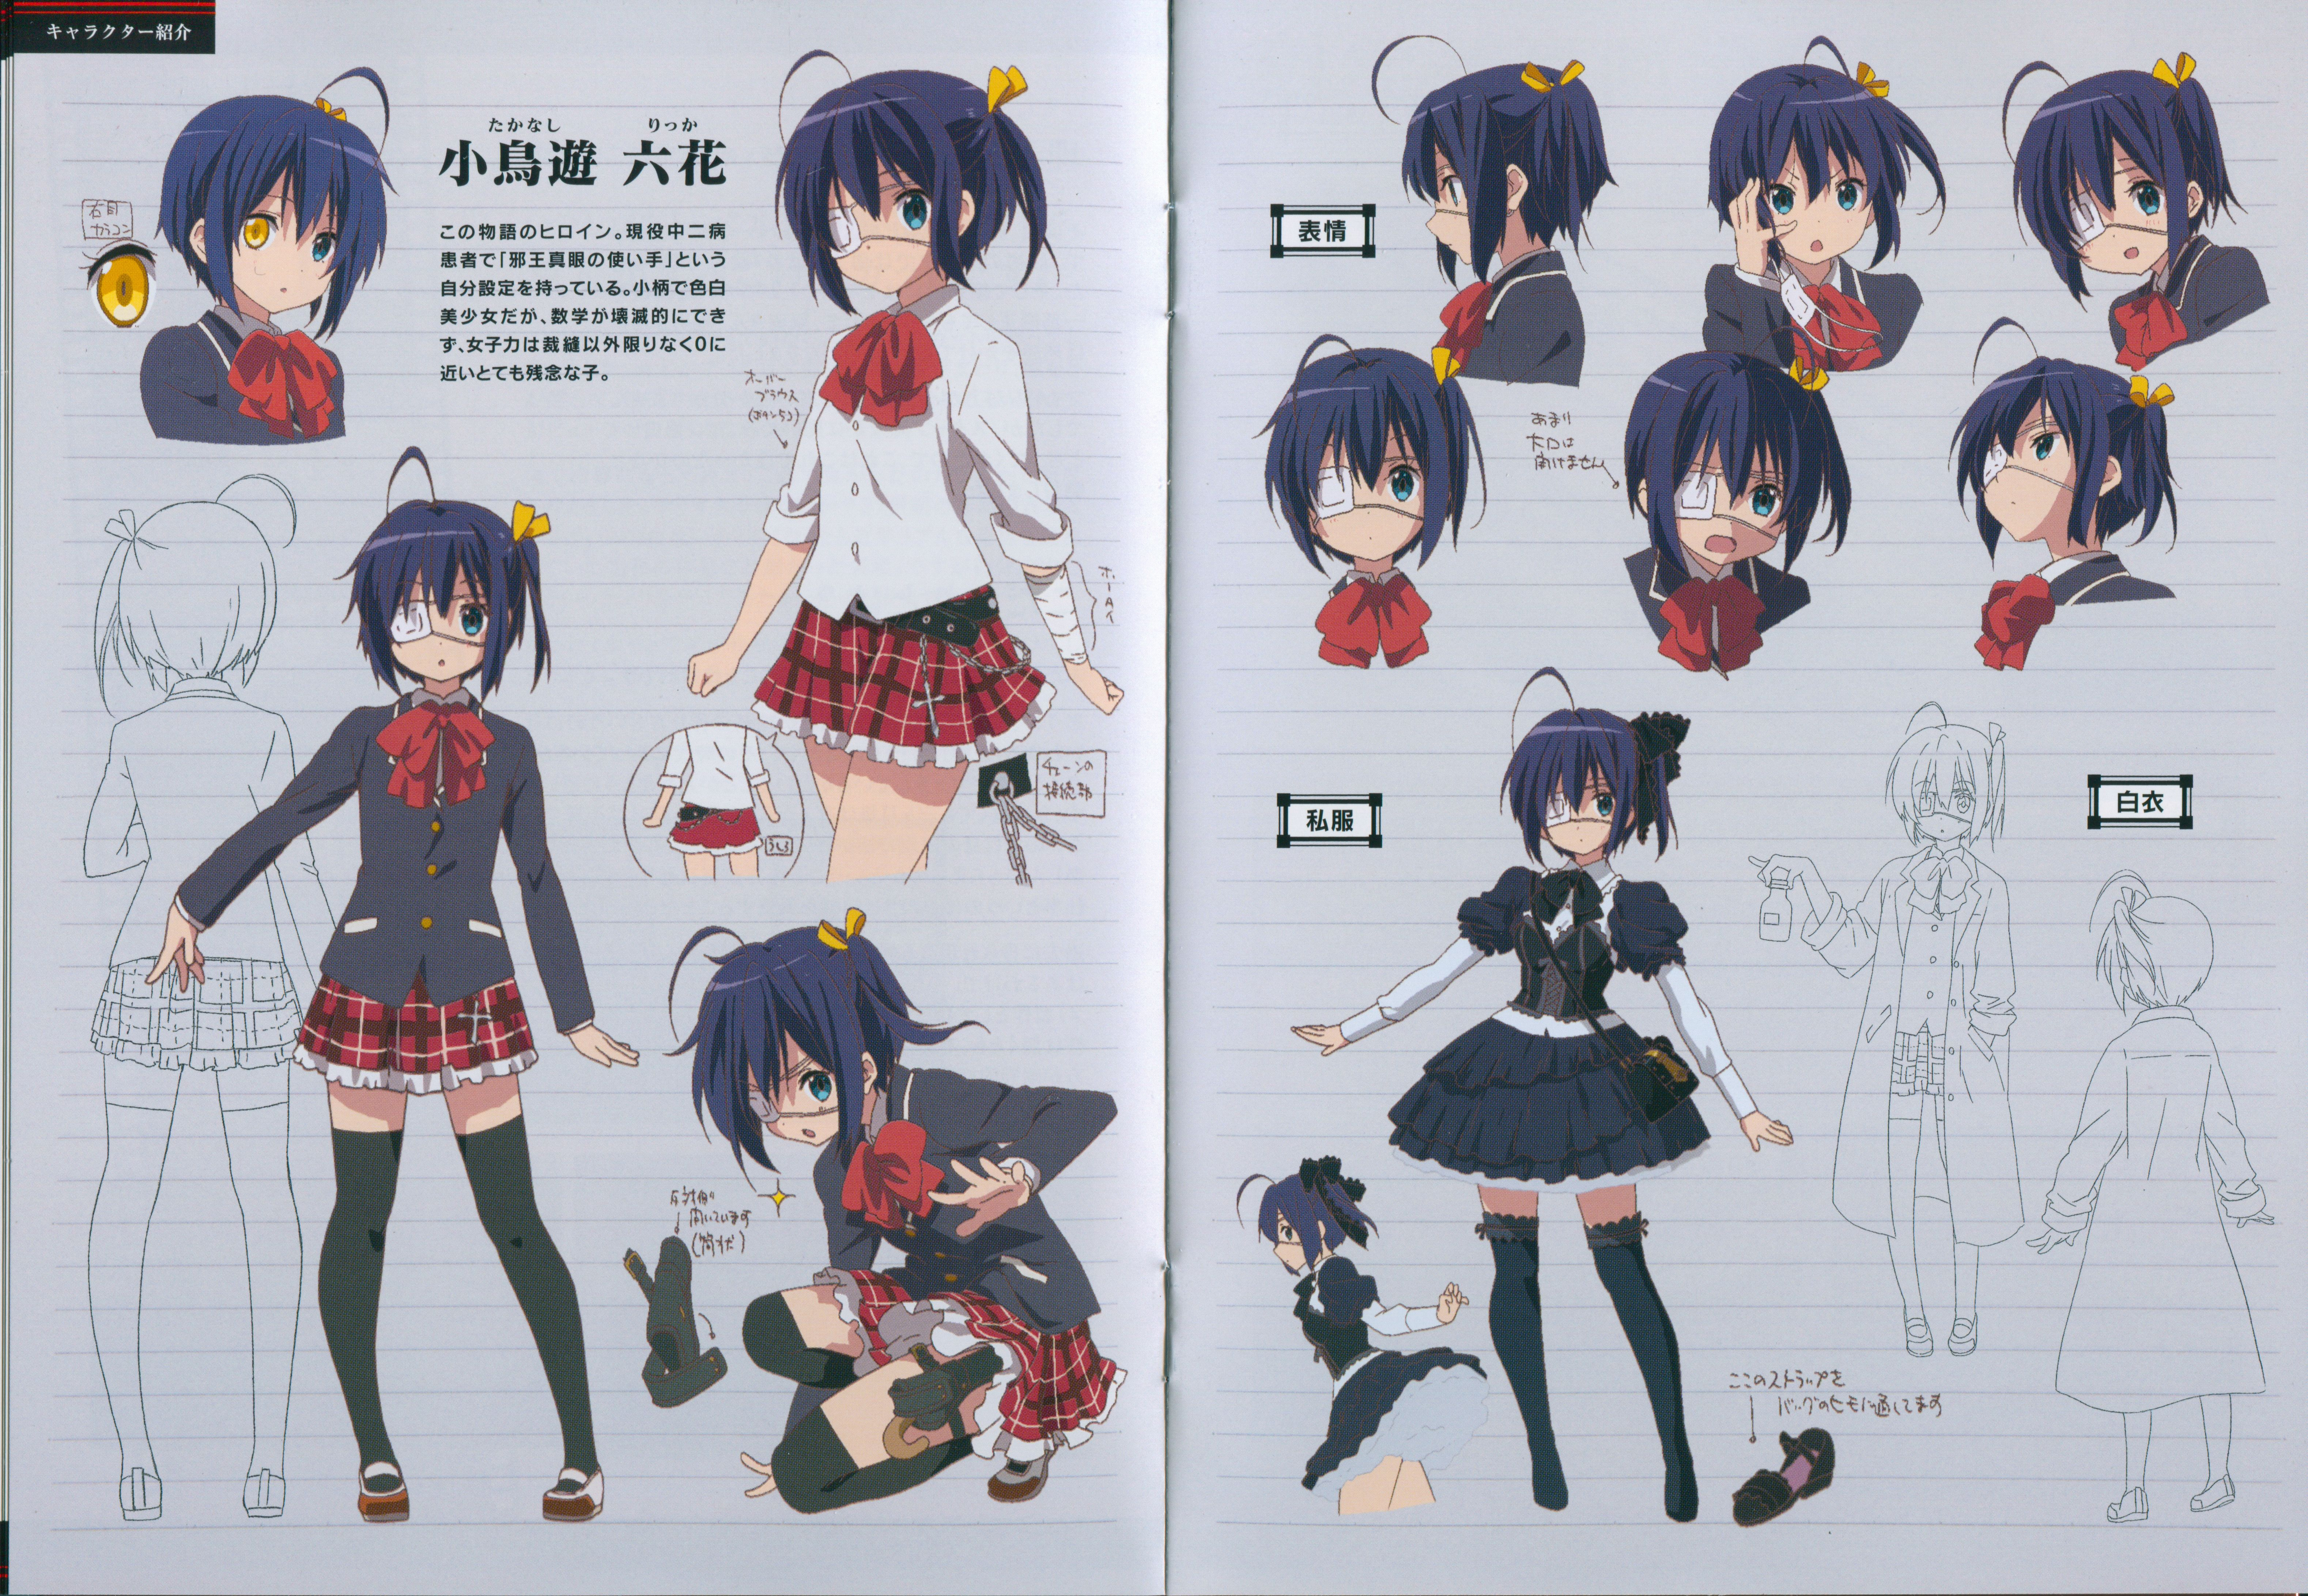 /Takanashi Rikka/1380445 Fullsize Image (6313x4366